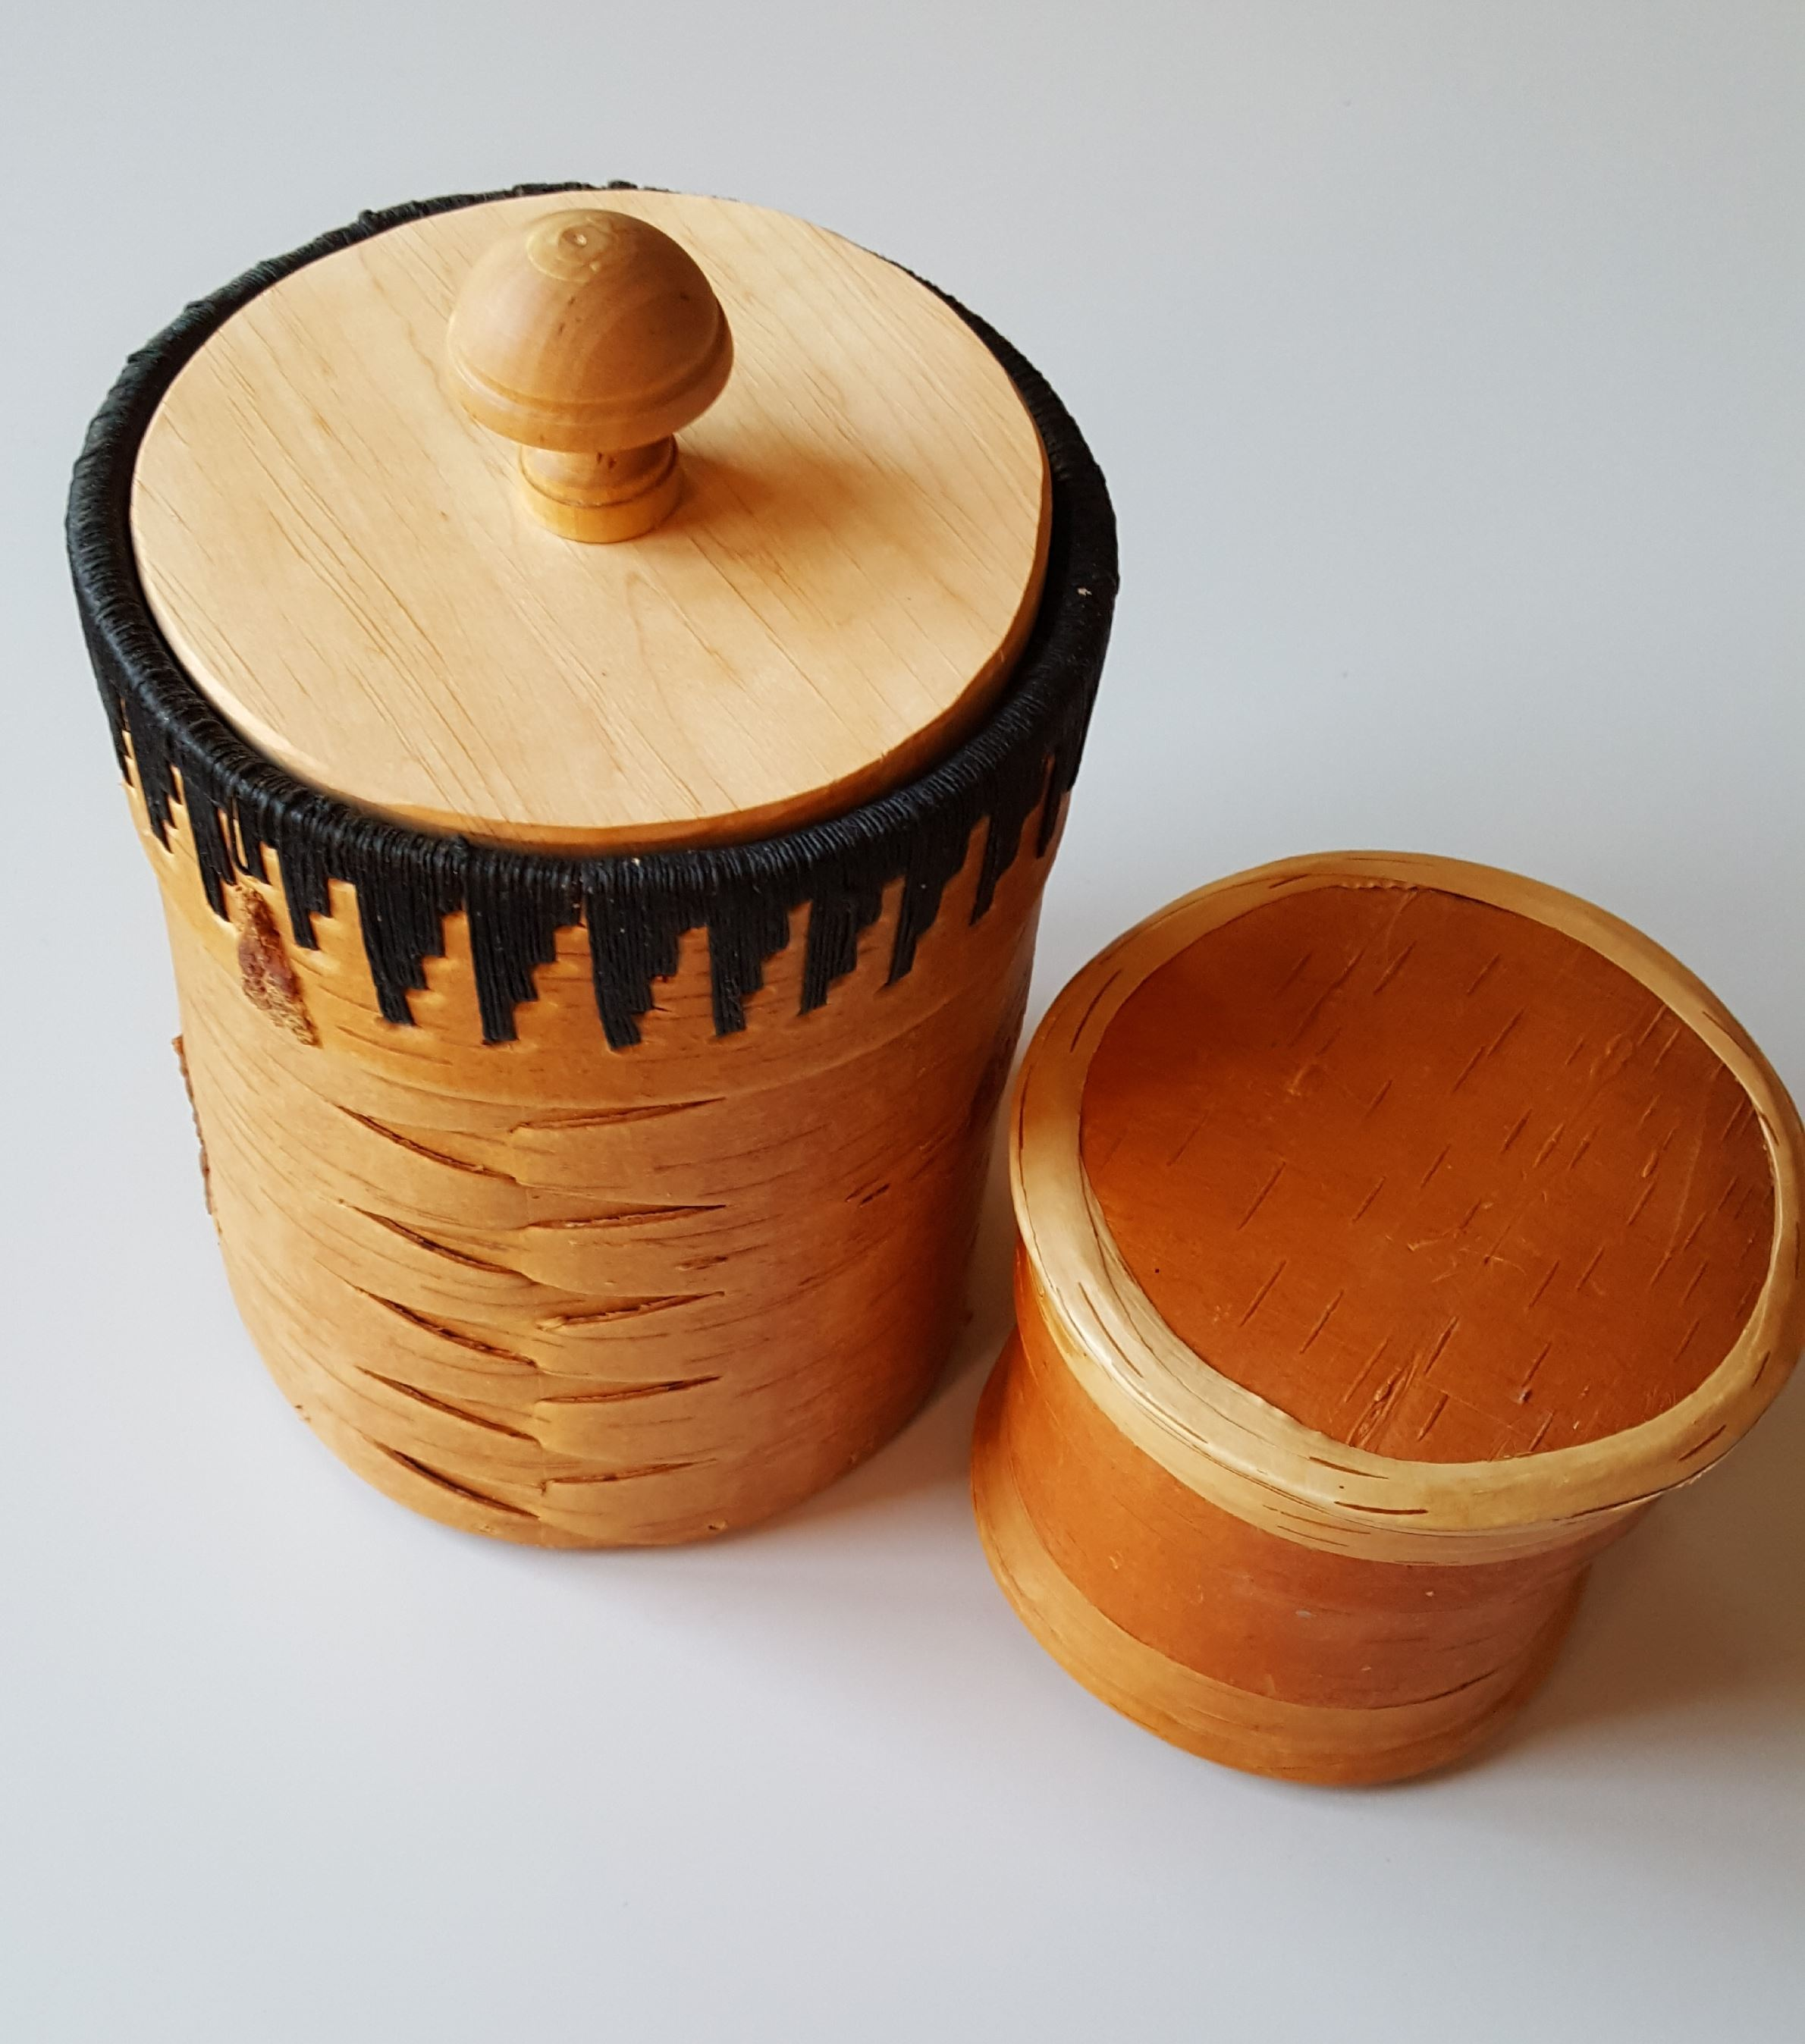 två burkar tillverkade av näver och med lock den ena burken har lock av trä den andra lock av näver